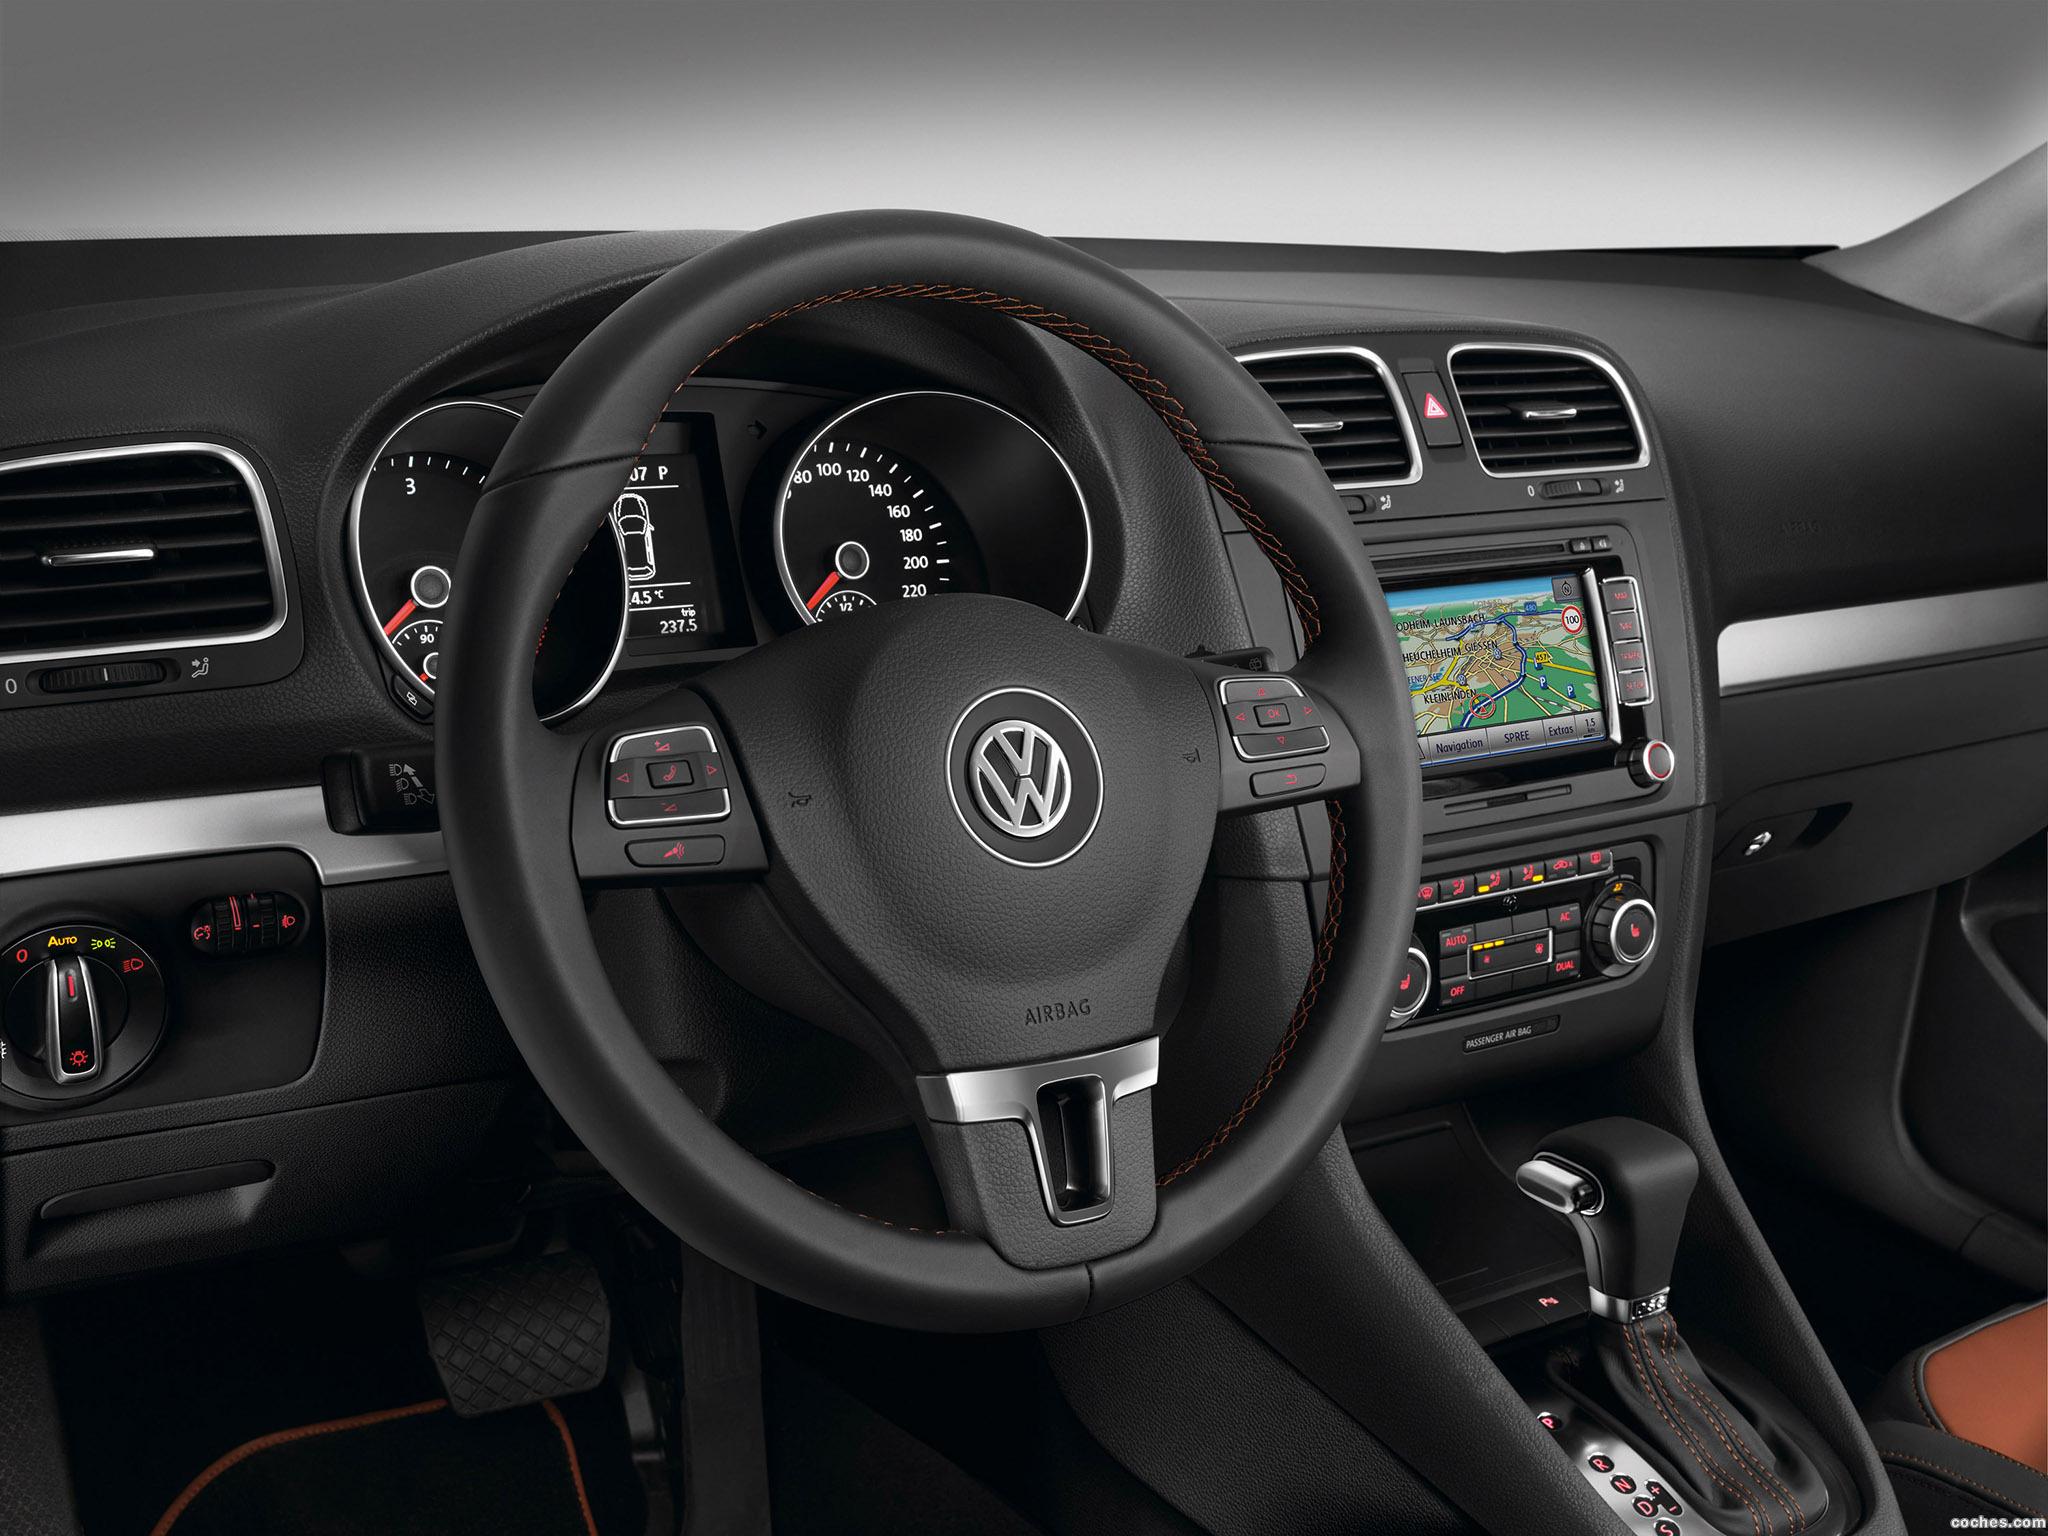 Foto 4 de Volkswagen Golf VI Variant Exclusive 2009